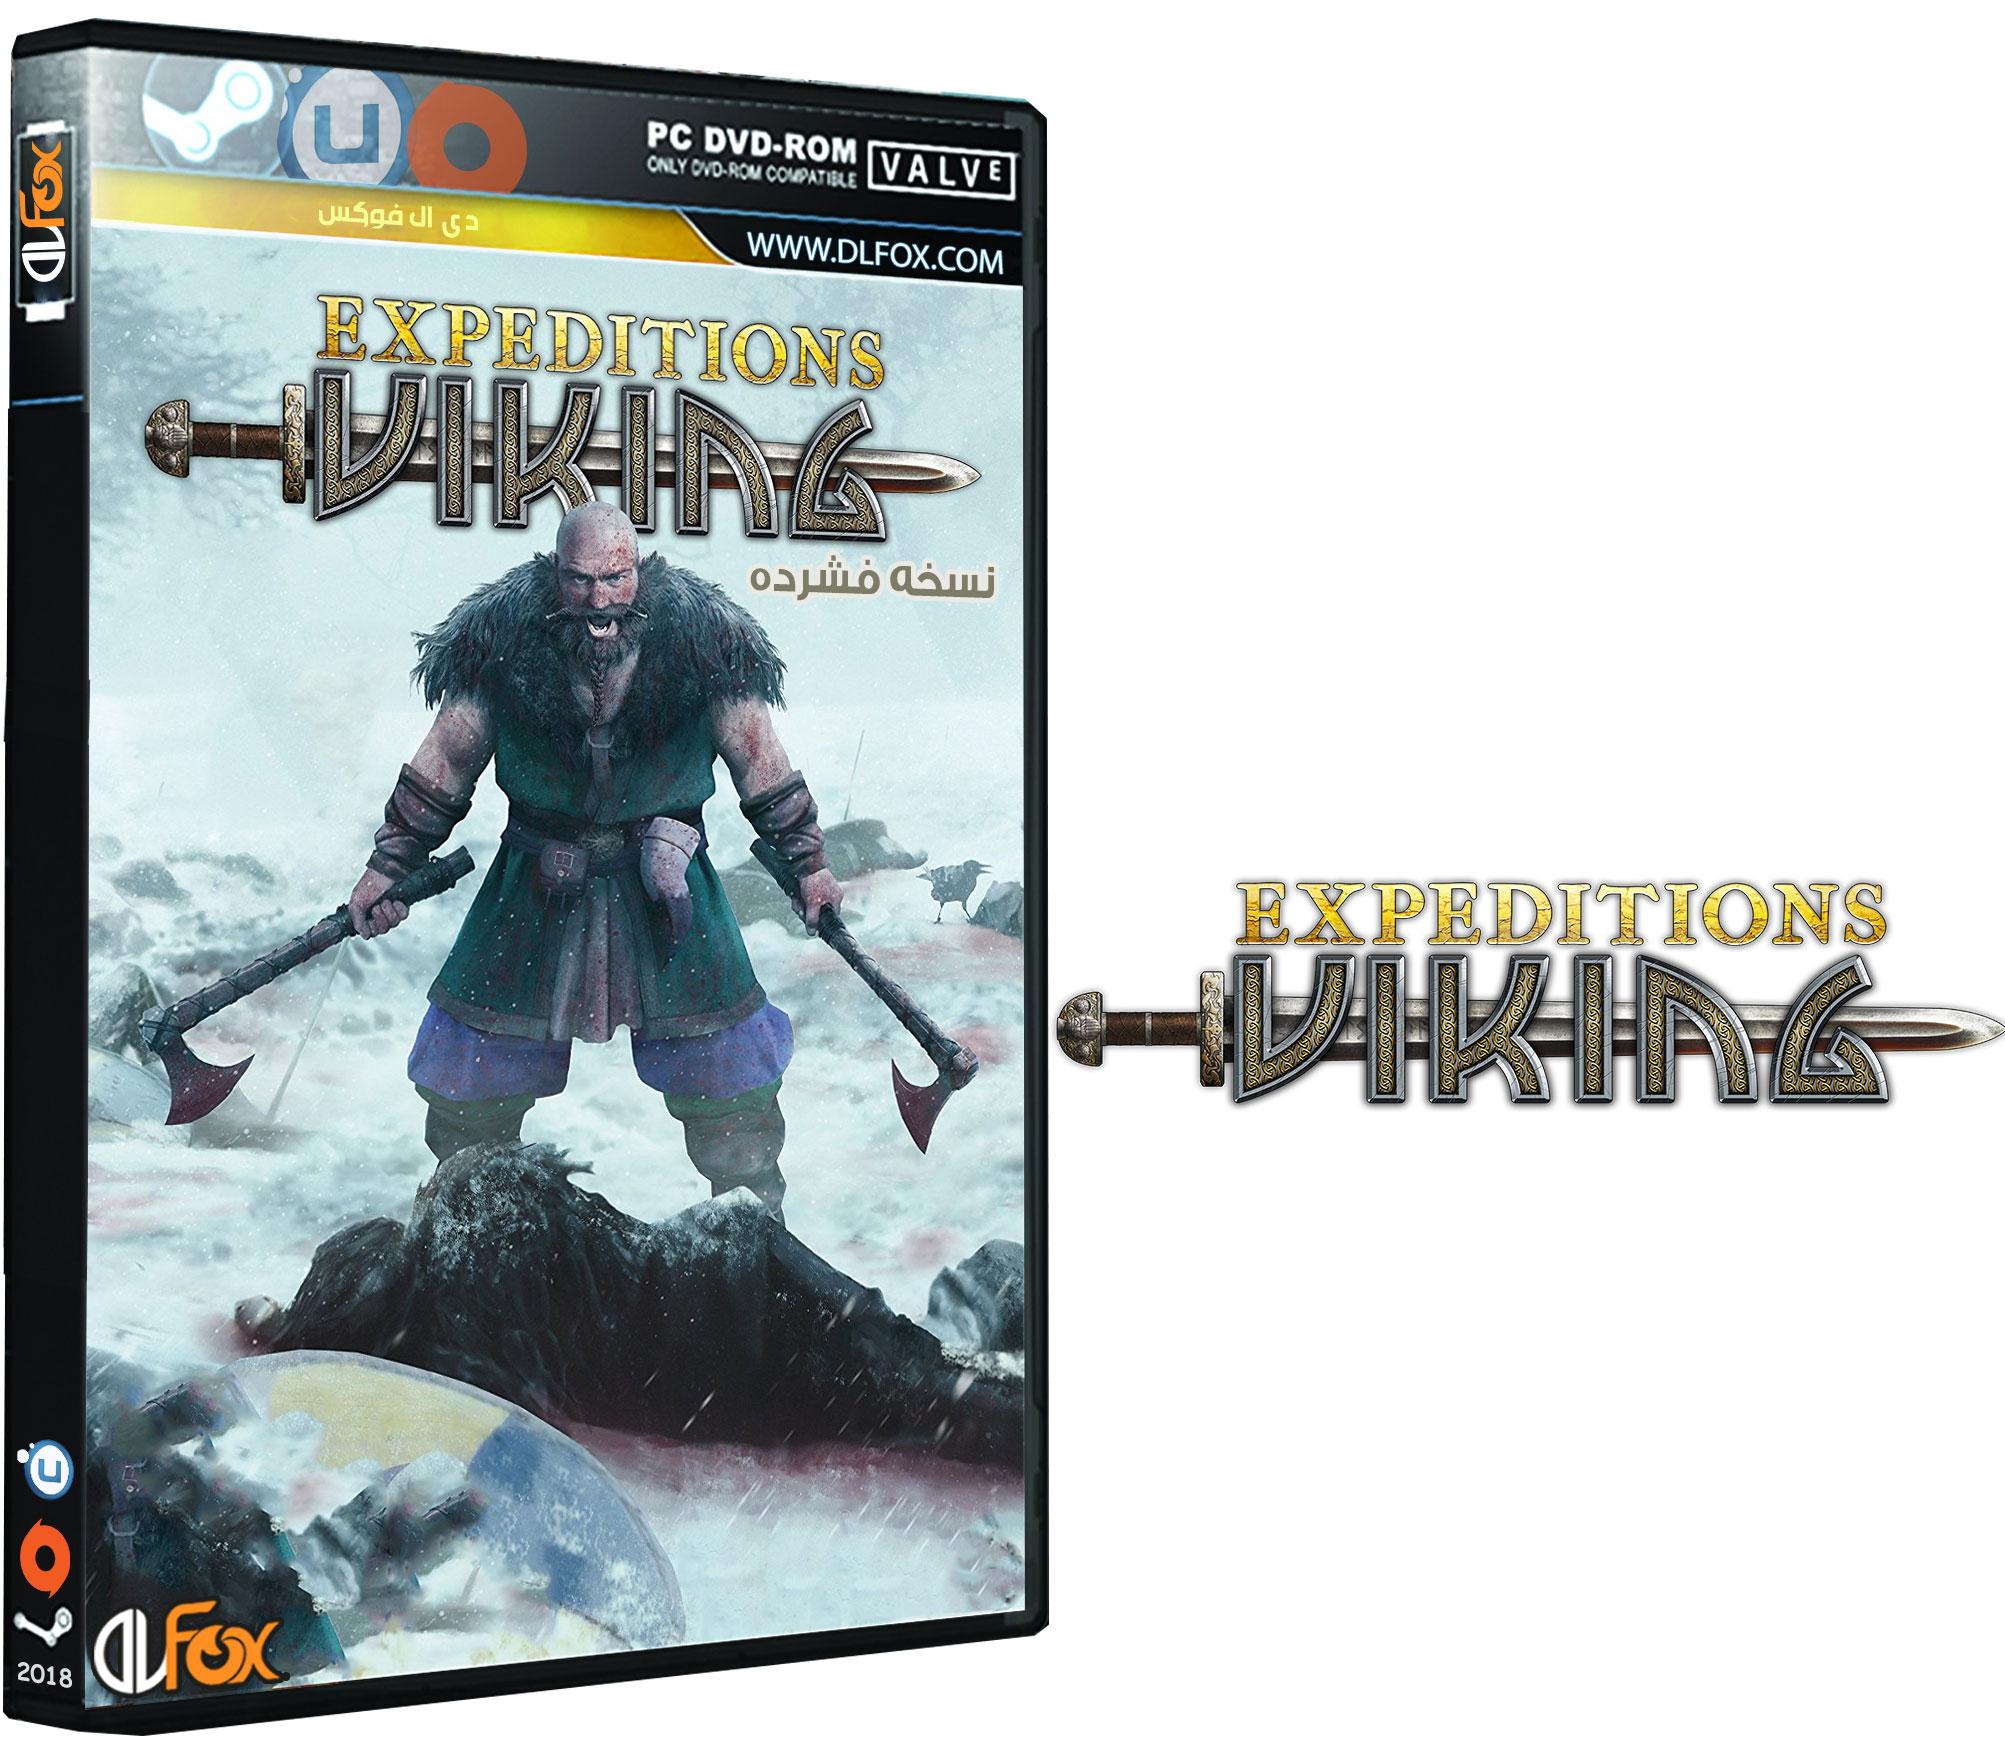 دانلود نسخه فشرده FitGirl بازی Expeditions: Viking برای PC